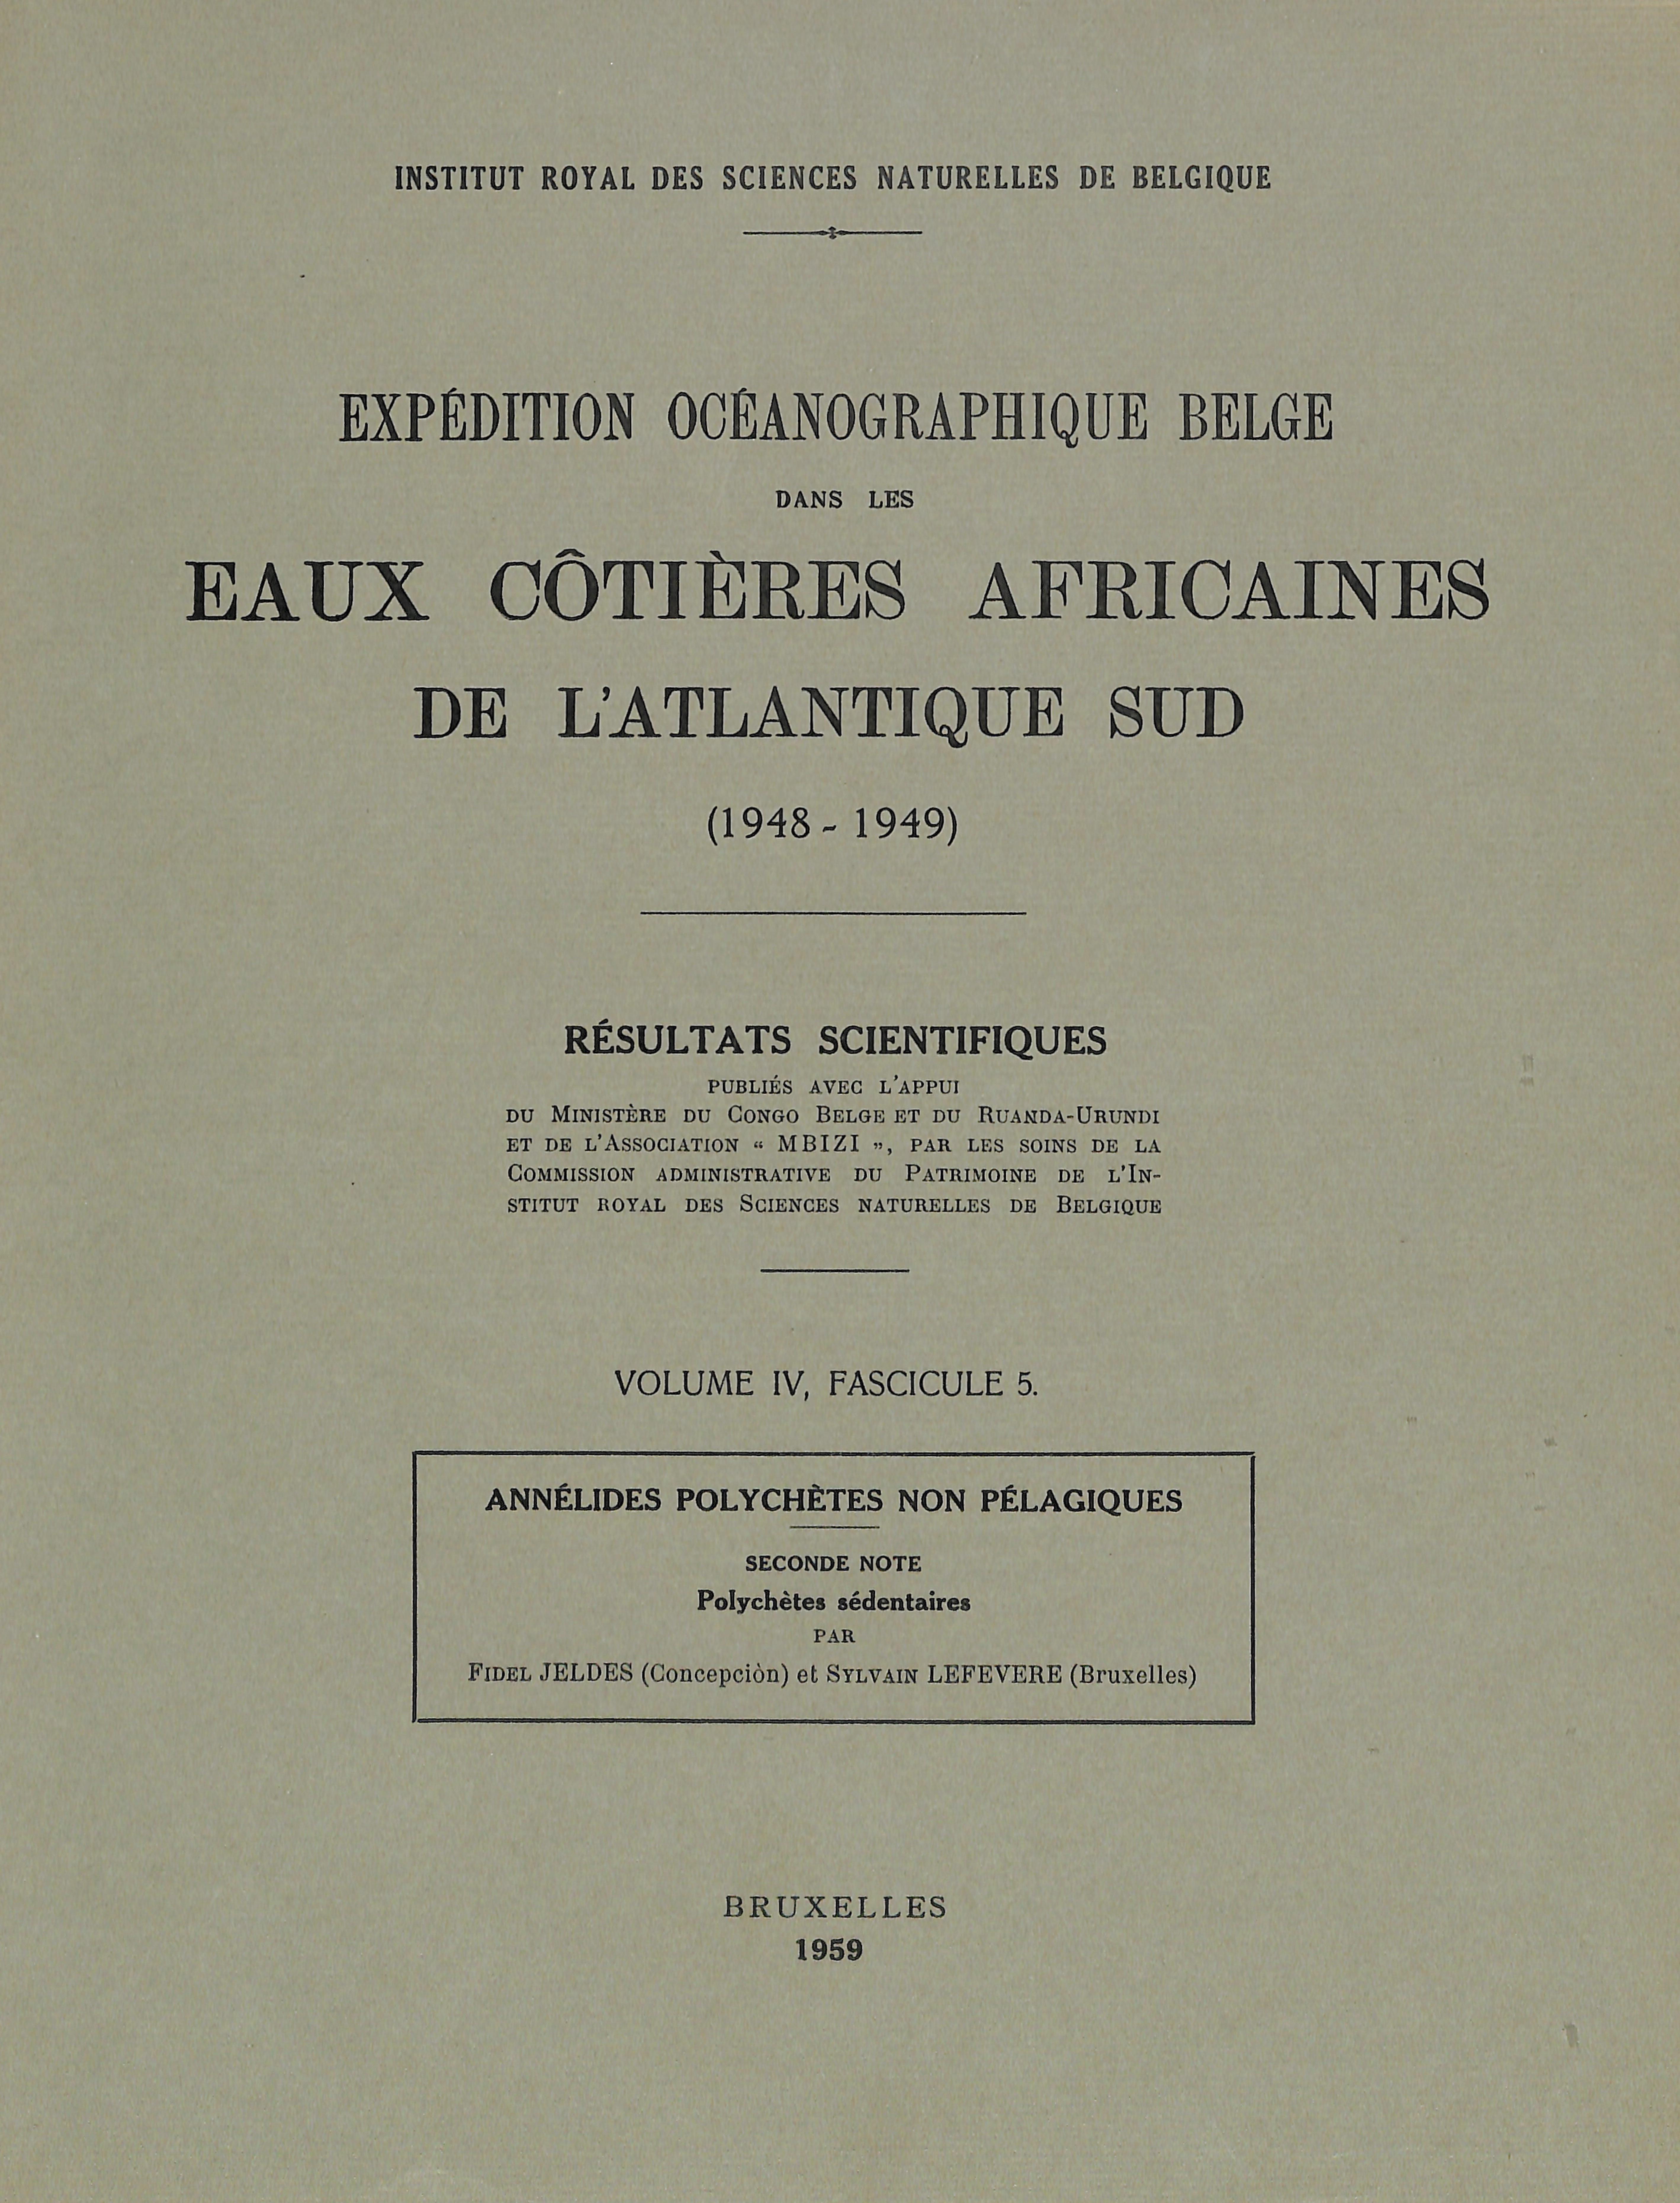 Eaux cotieres 1959-IV-5.jpg